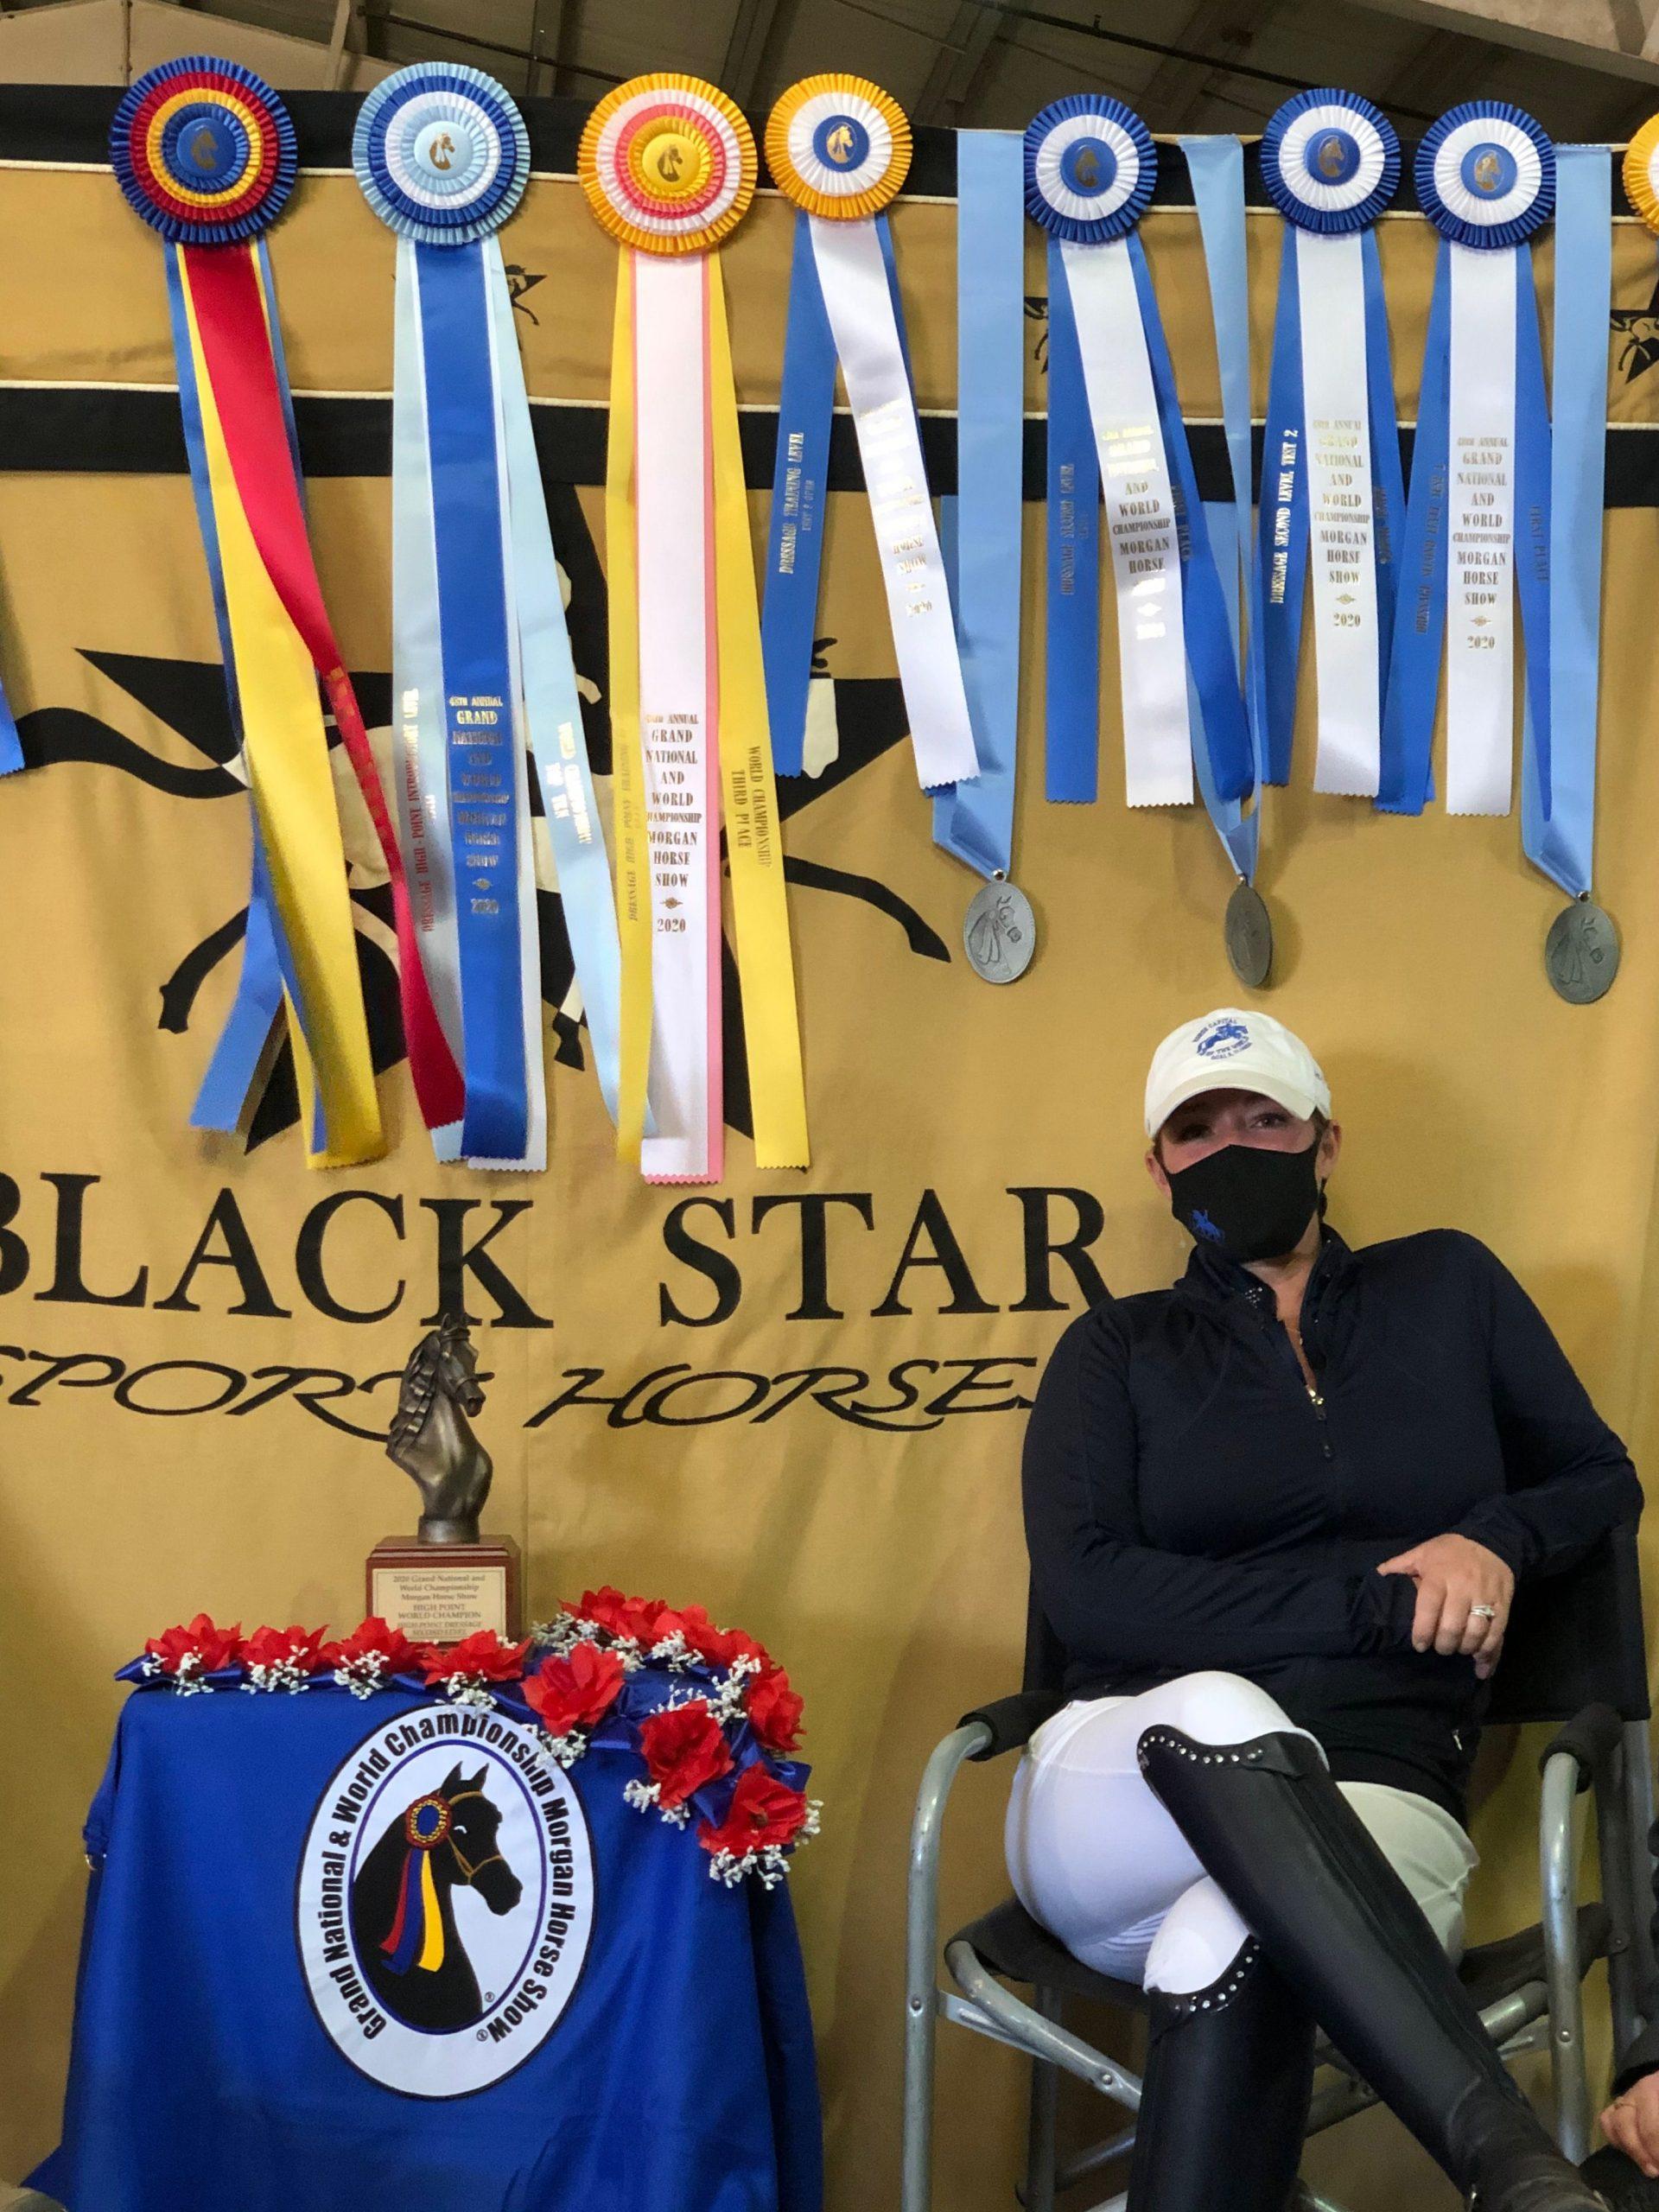 Jessica Blackmon-White of Black Star Sport Horses Rockwall